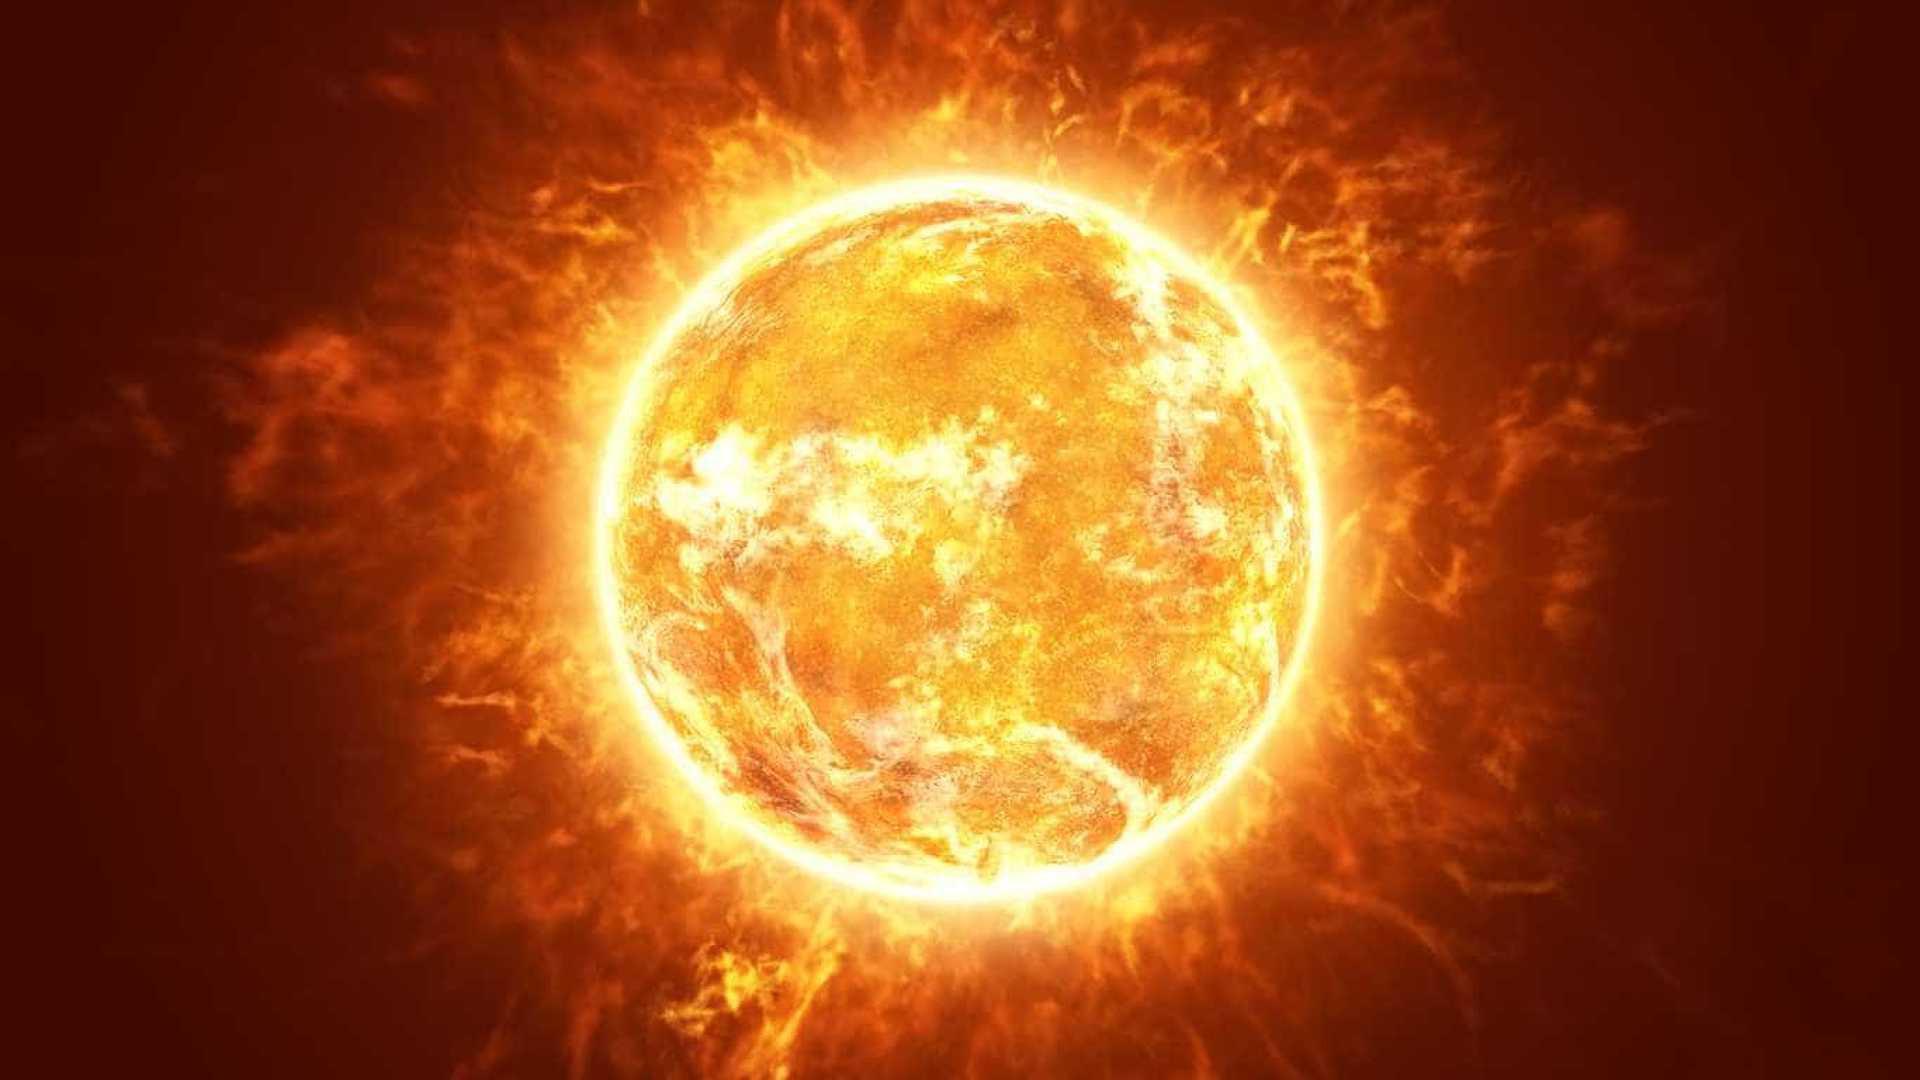 Irmã gêmea do Sol é descoberta a 184 anos-luz da Terra